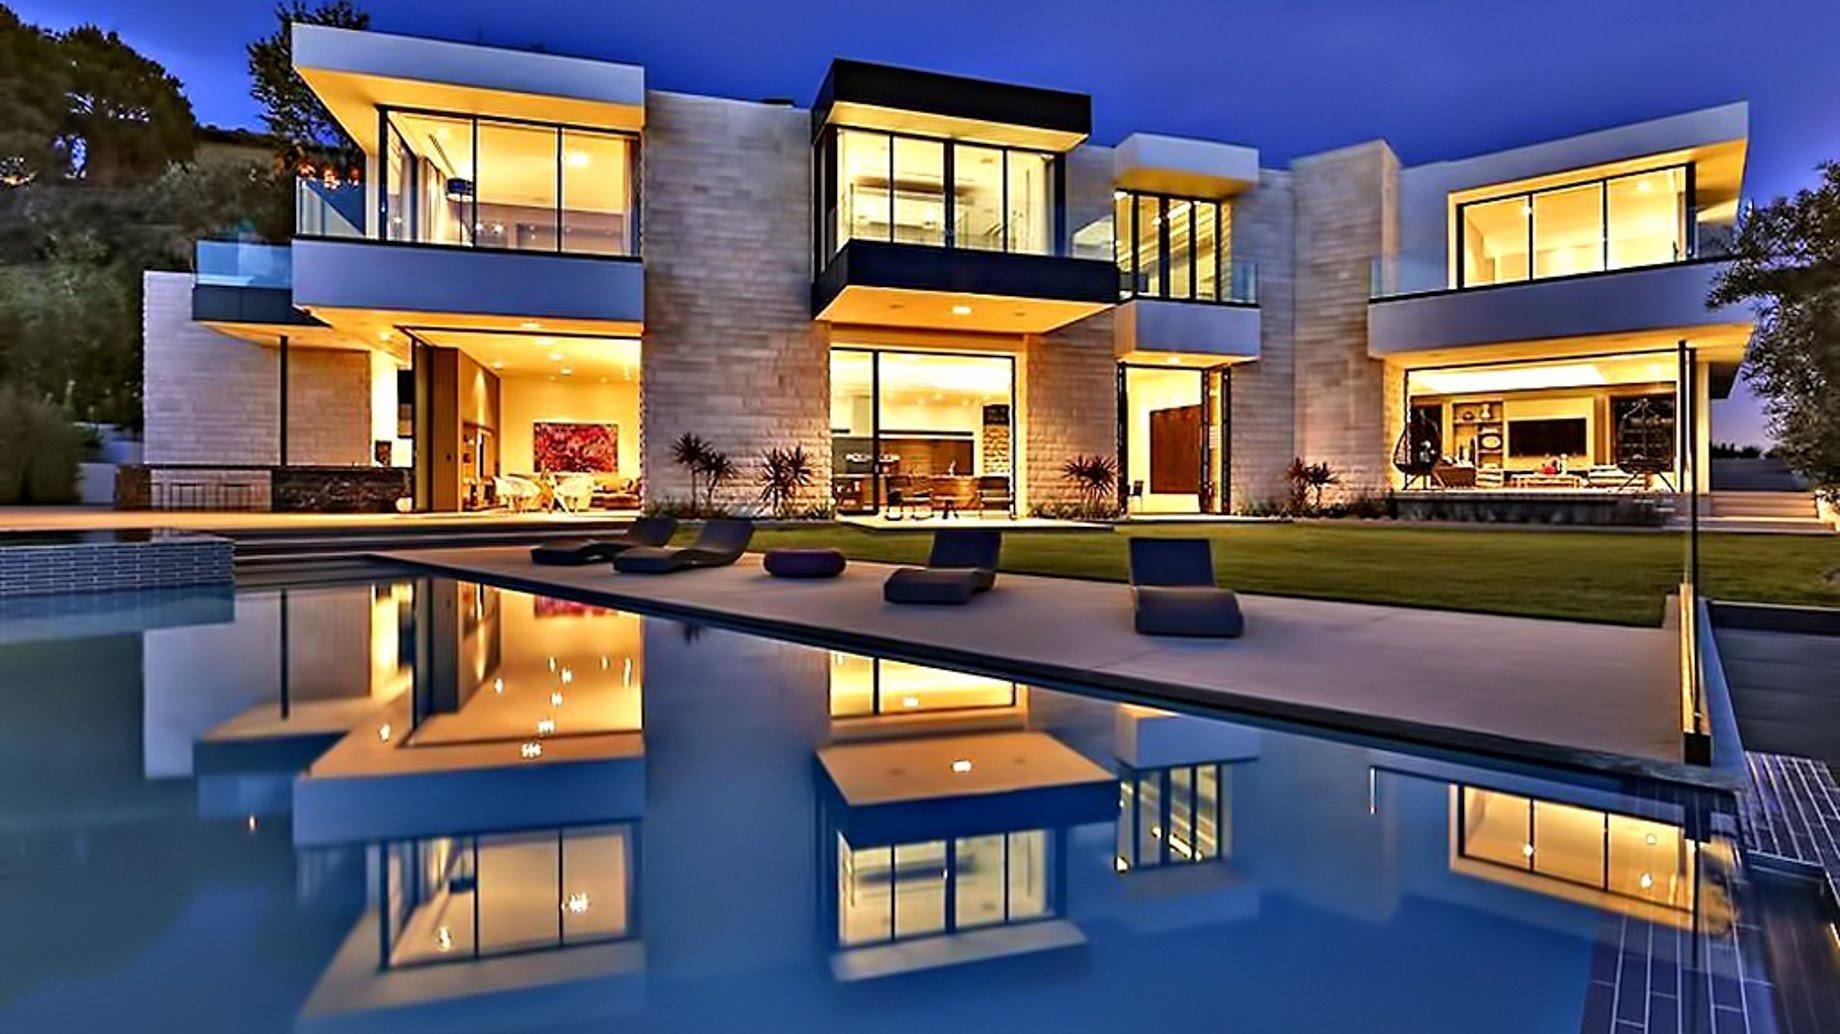 Gilbert Az Real Estate Search